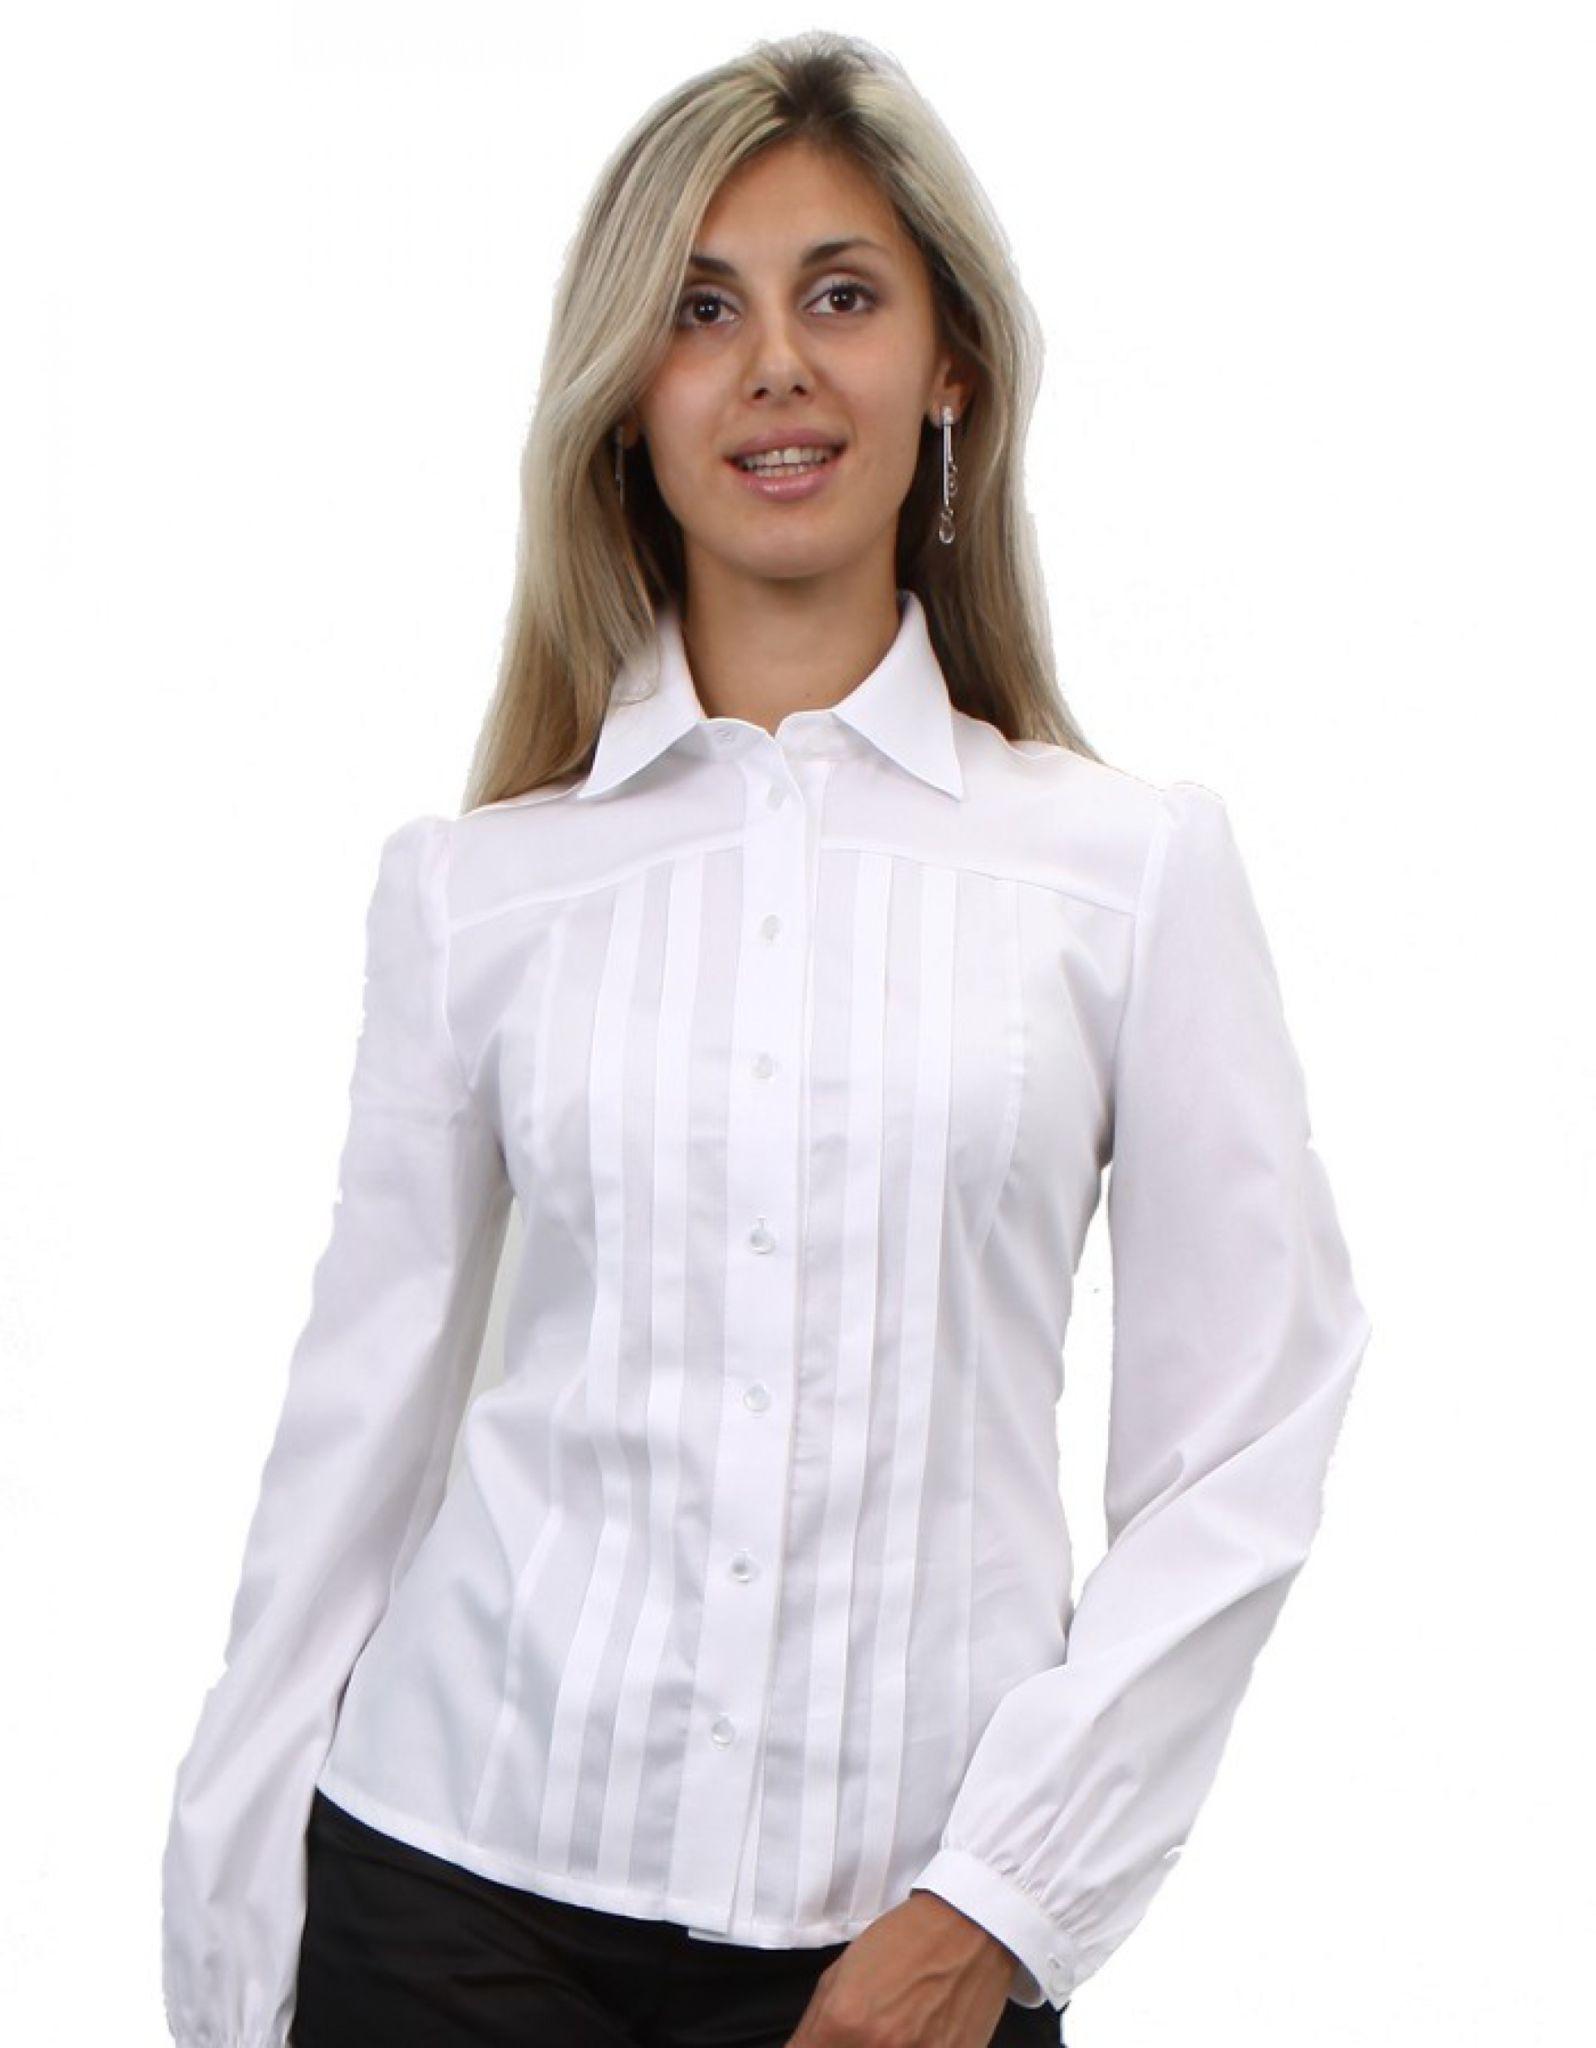 блузки весна лето 2019 года: офисная белая рукав длинный